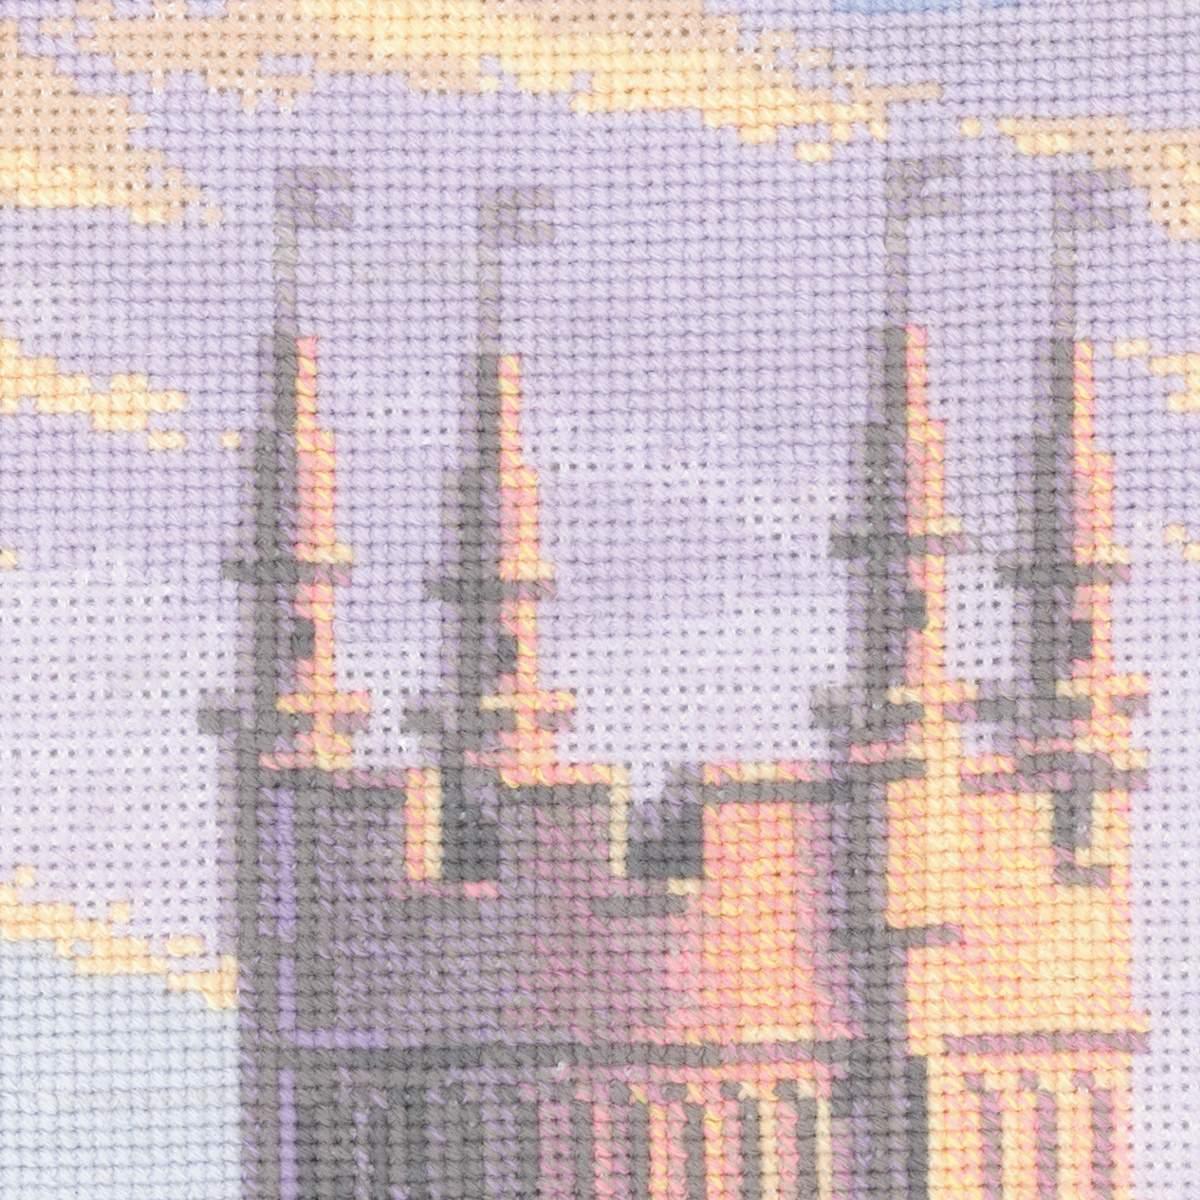 вышивка ласточкино гнездо башня